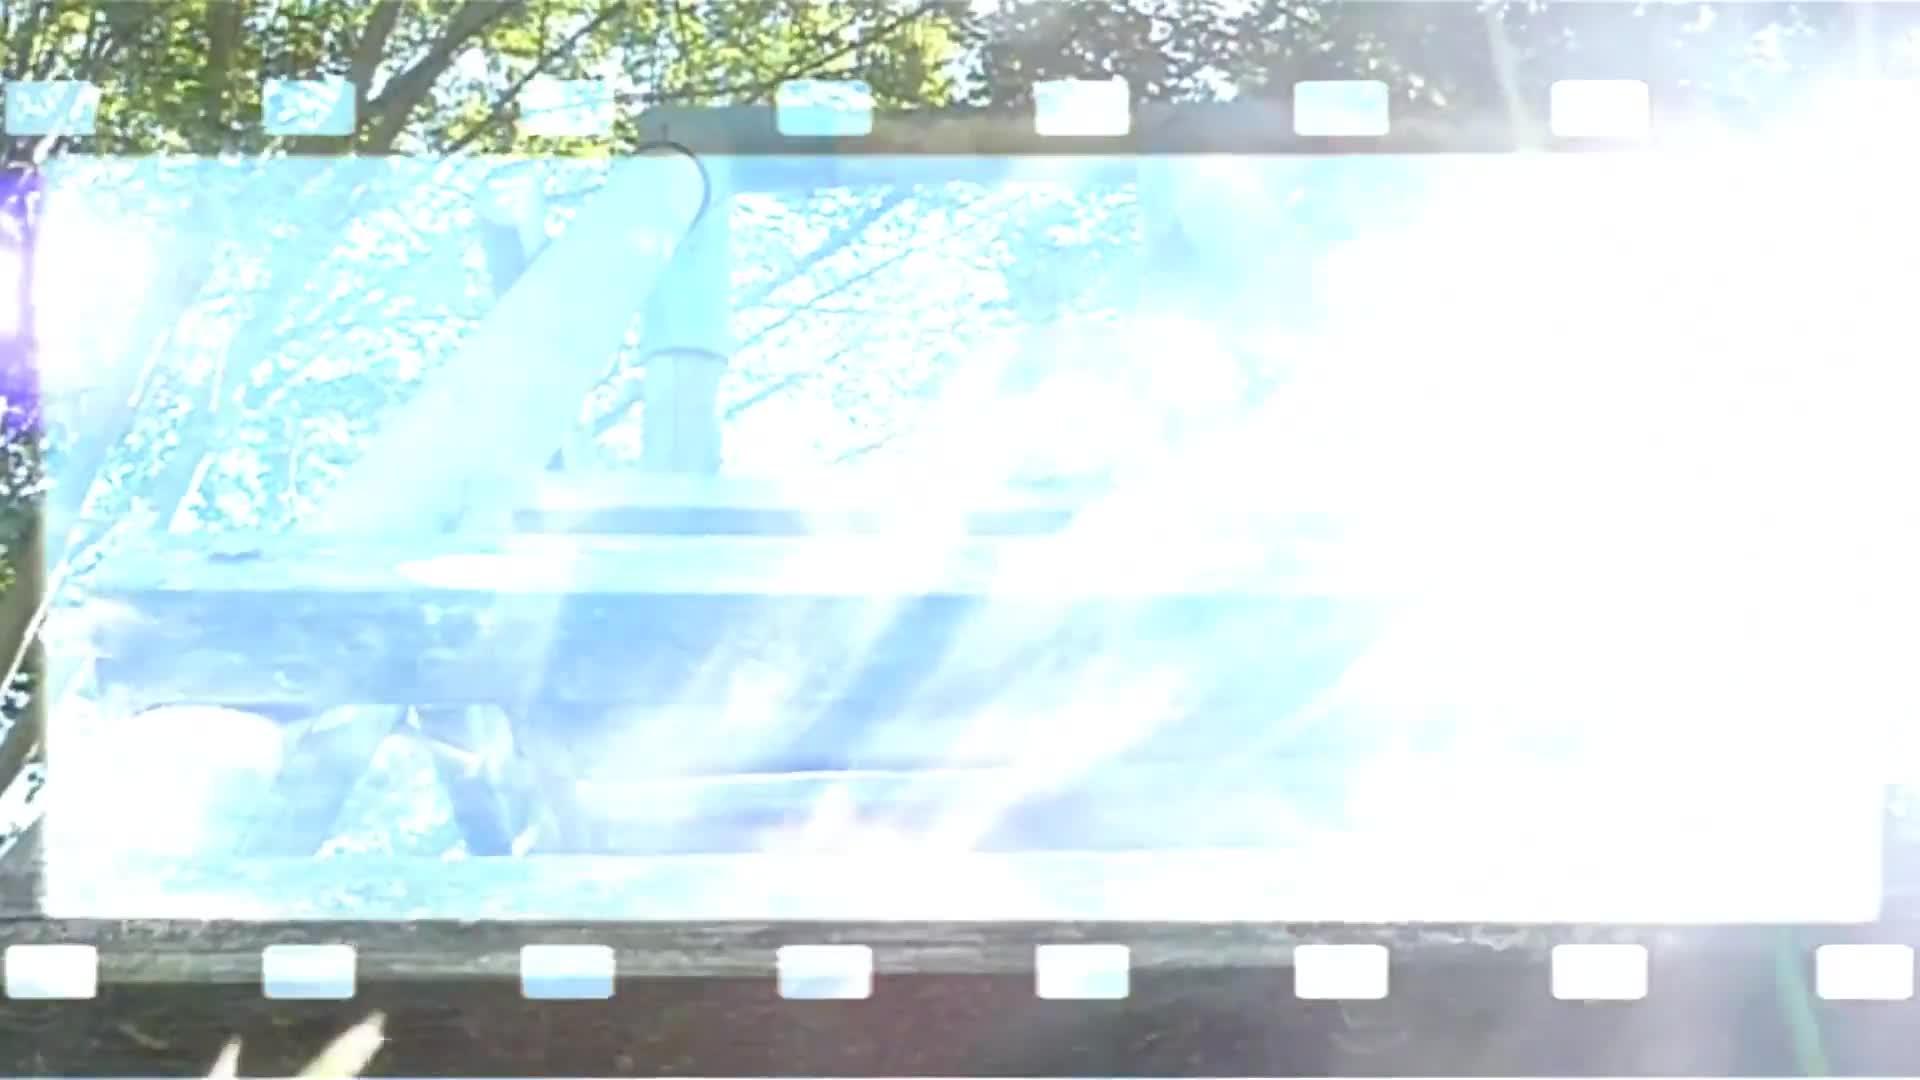 Kliklap filma labur lehiaketa: aurtengo gaia AIREA